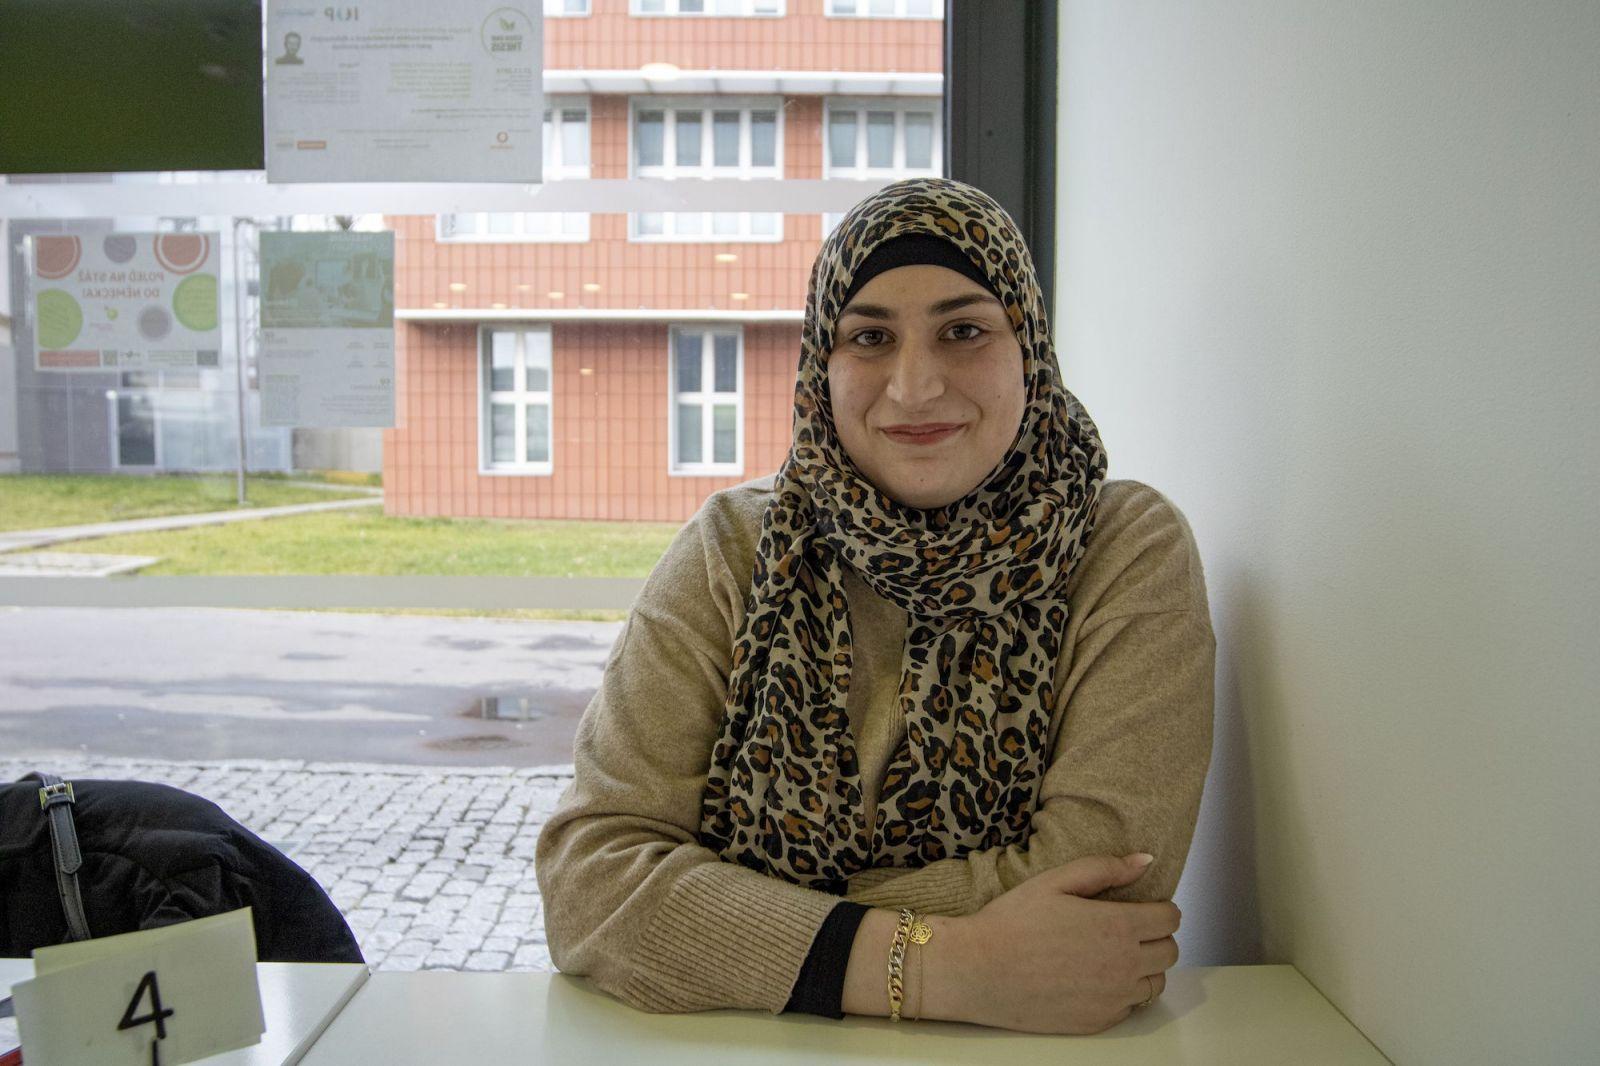 Mladá muslimská učitelka si našla cestu k romským žákům z vyloučené lokality. Potřebují pozitivní vzor, vyhoření se nebojím, říká